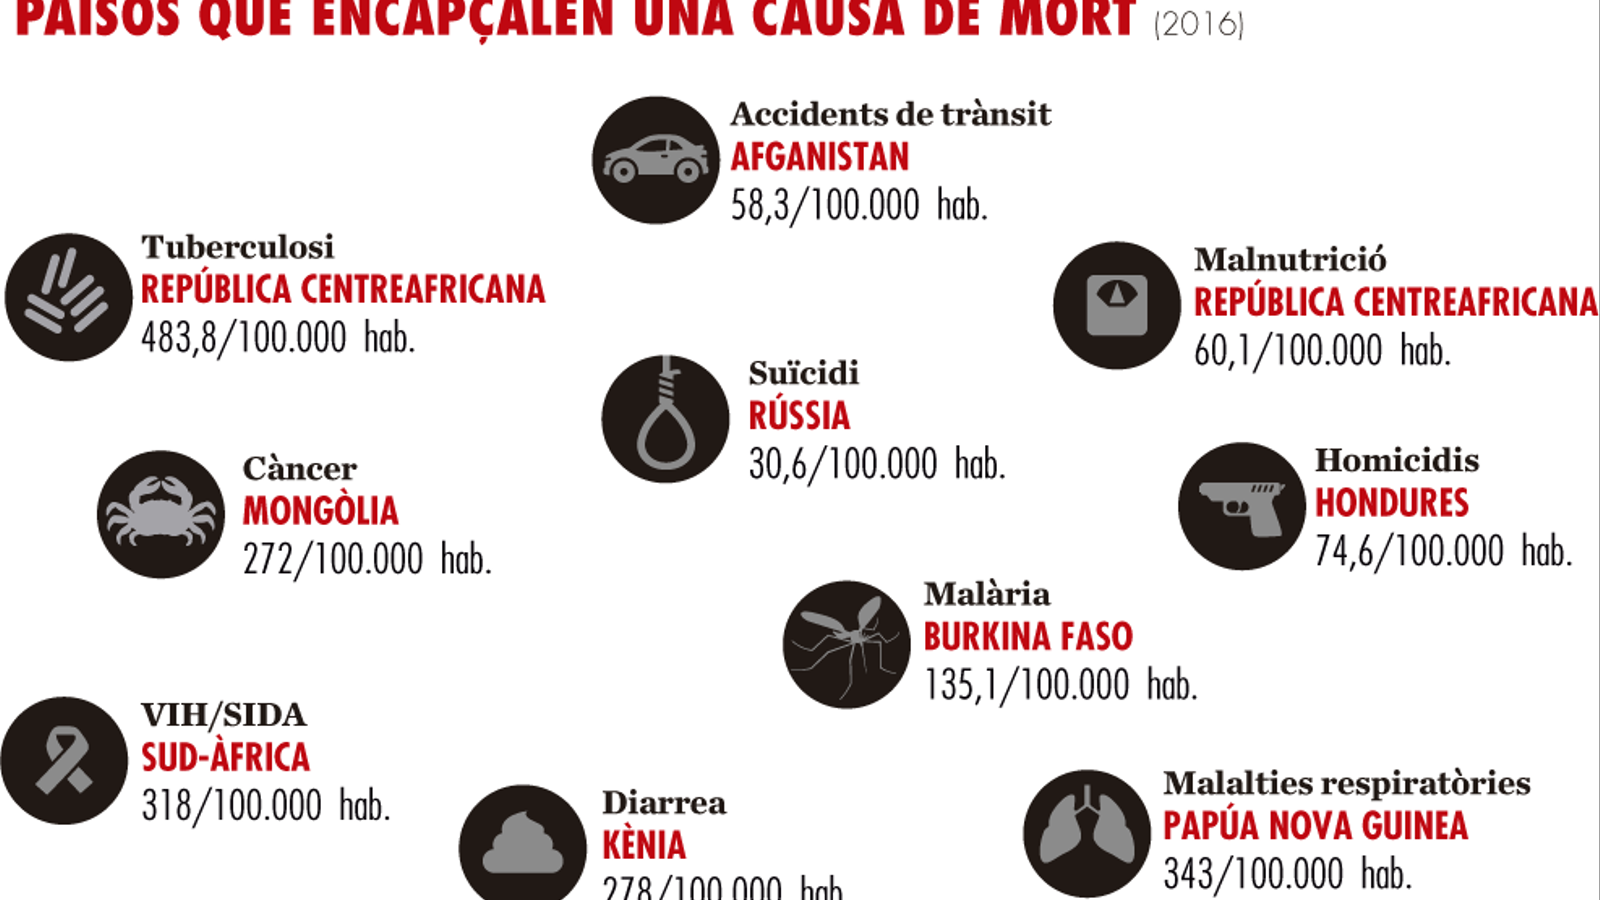 Països que encapçalen una causa de mort